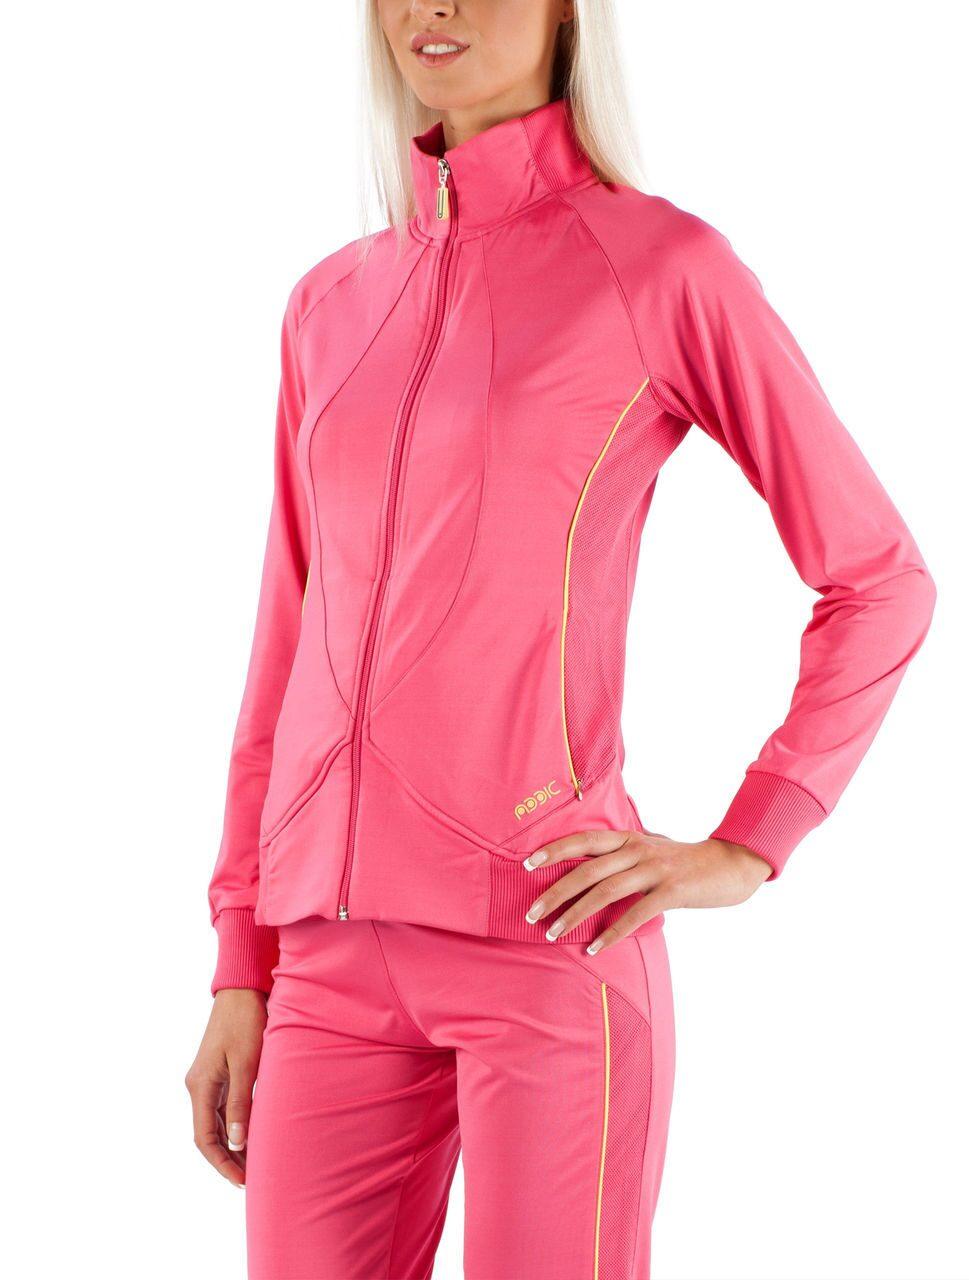 Купить костюм для фитнеса женский